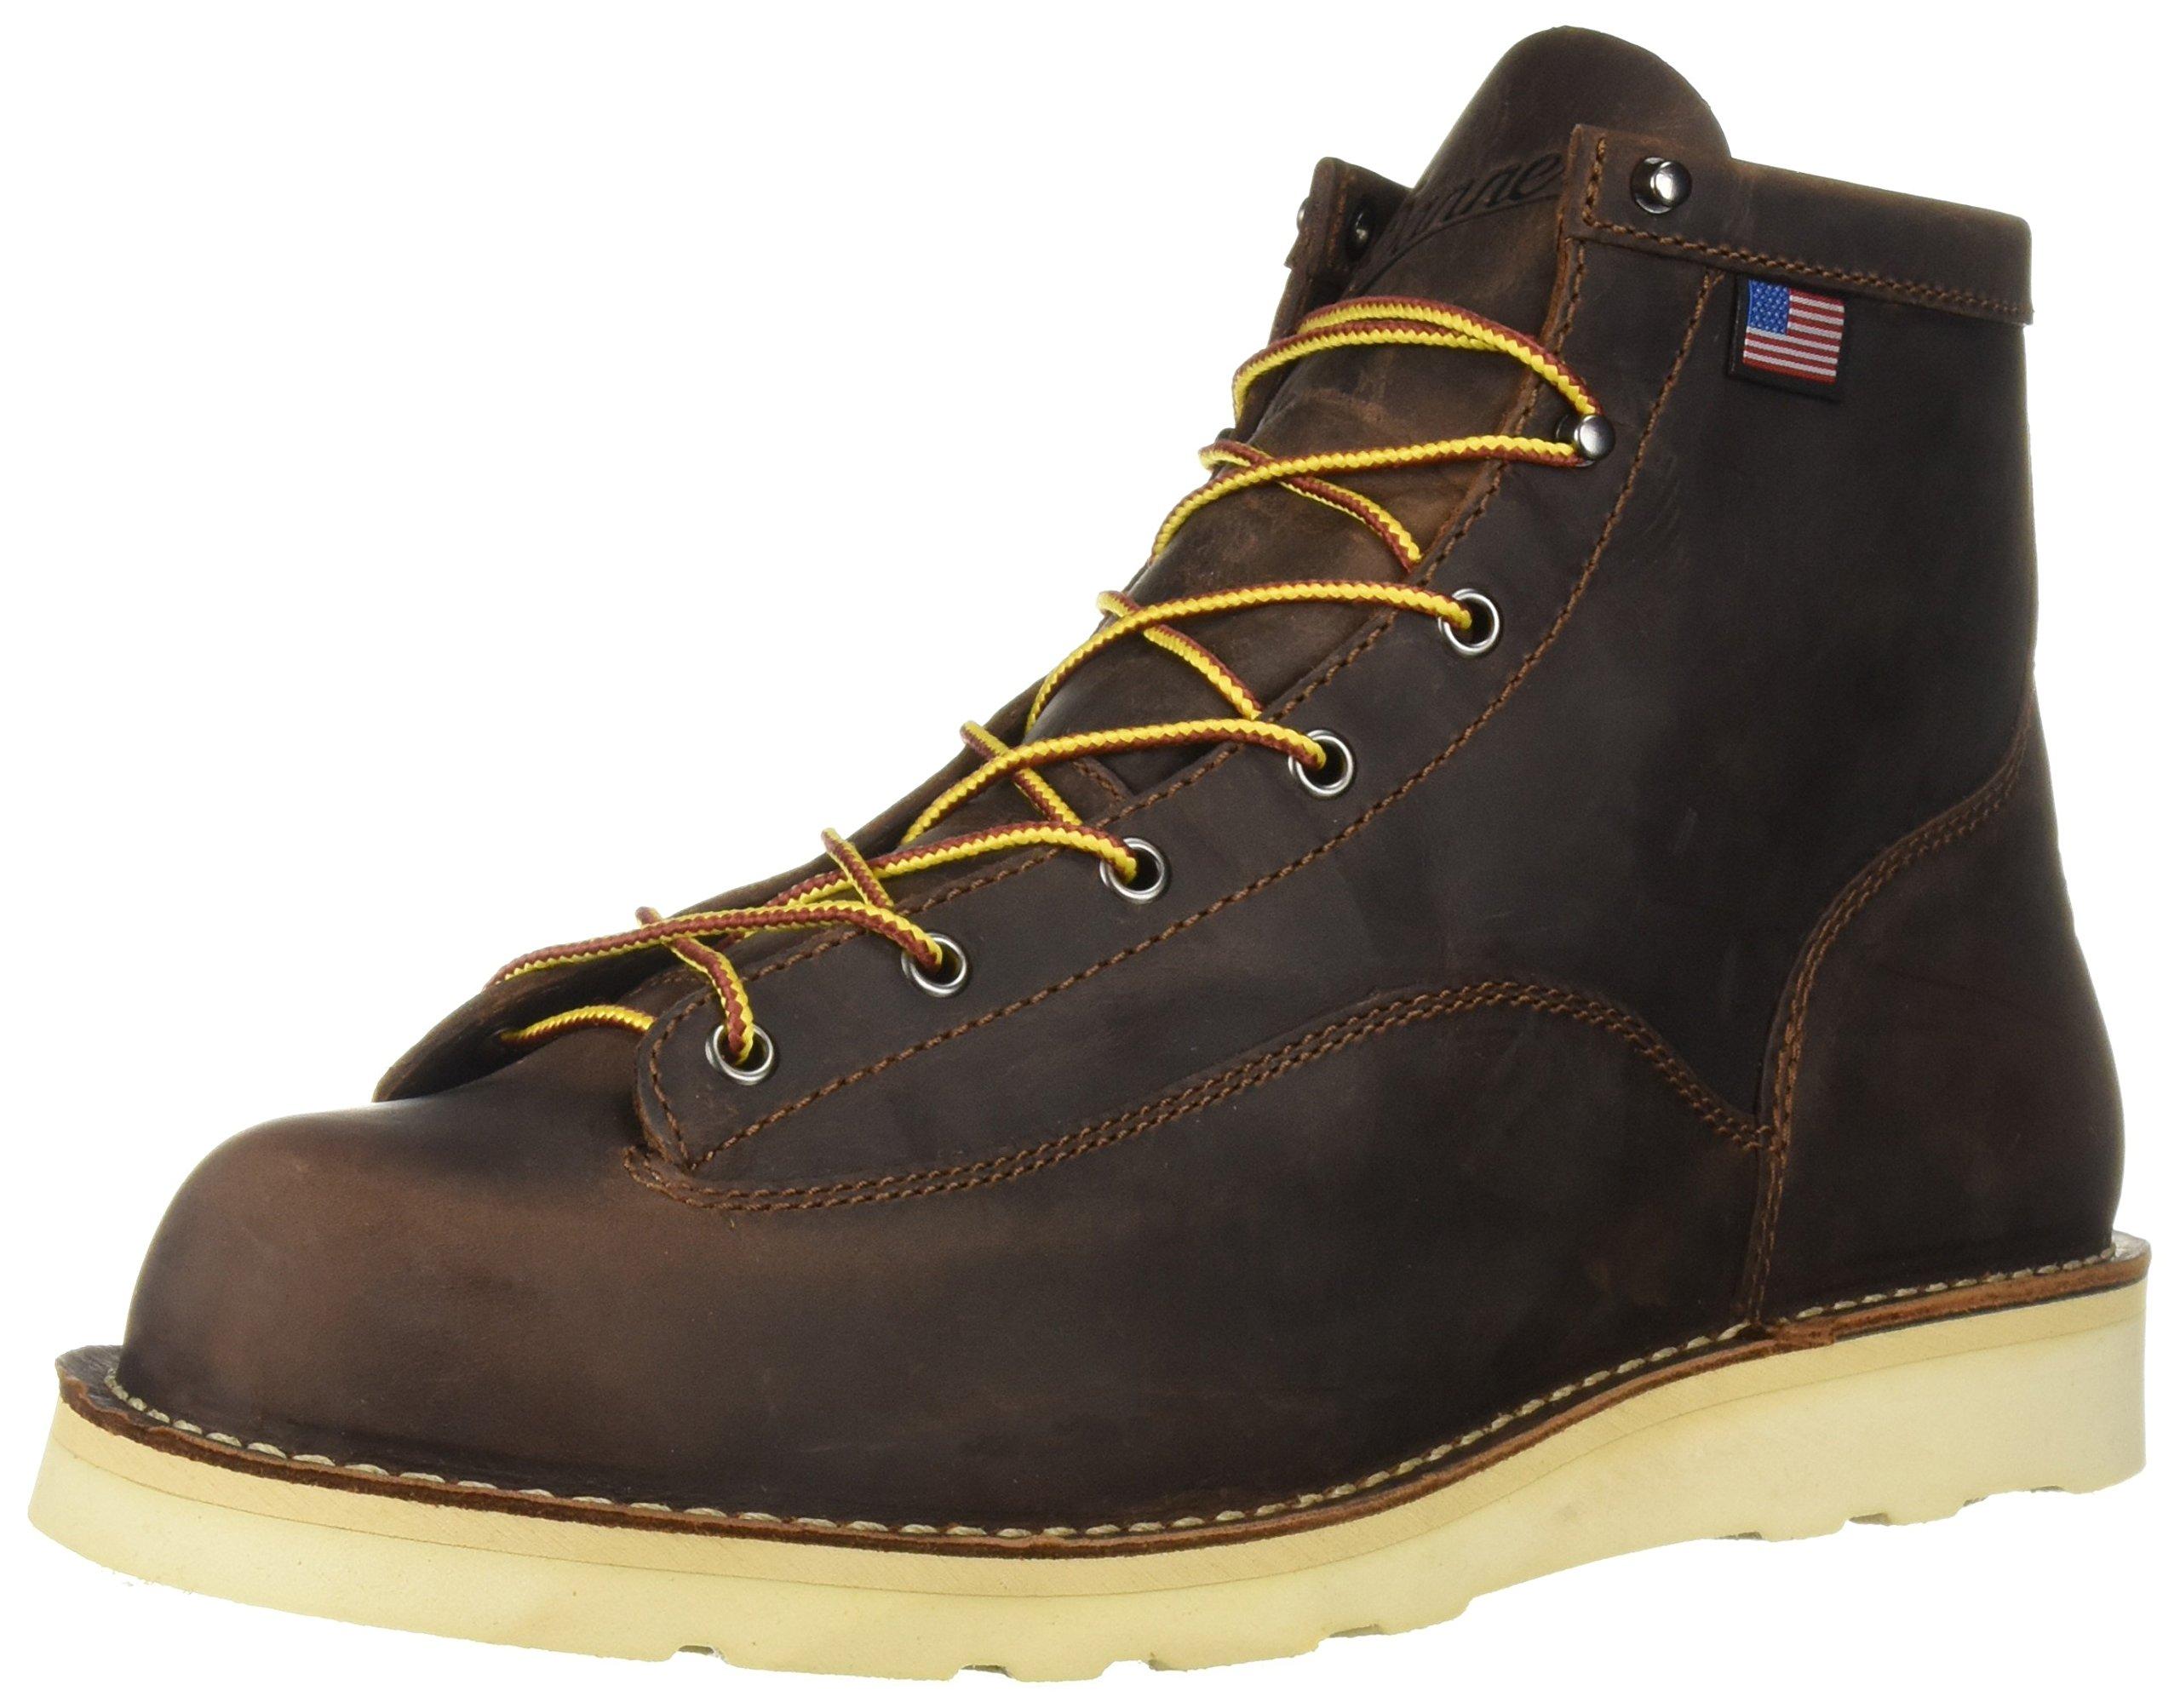 Danner Men's Bull Run 6-Inch BR Cristy Work Boot,Brown,14 EE US